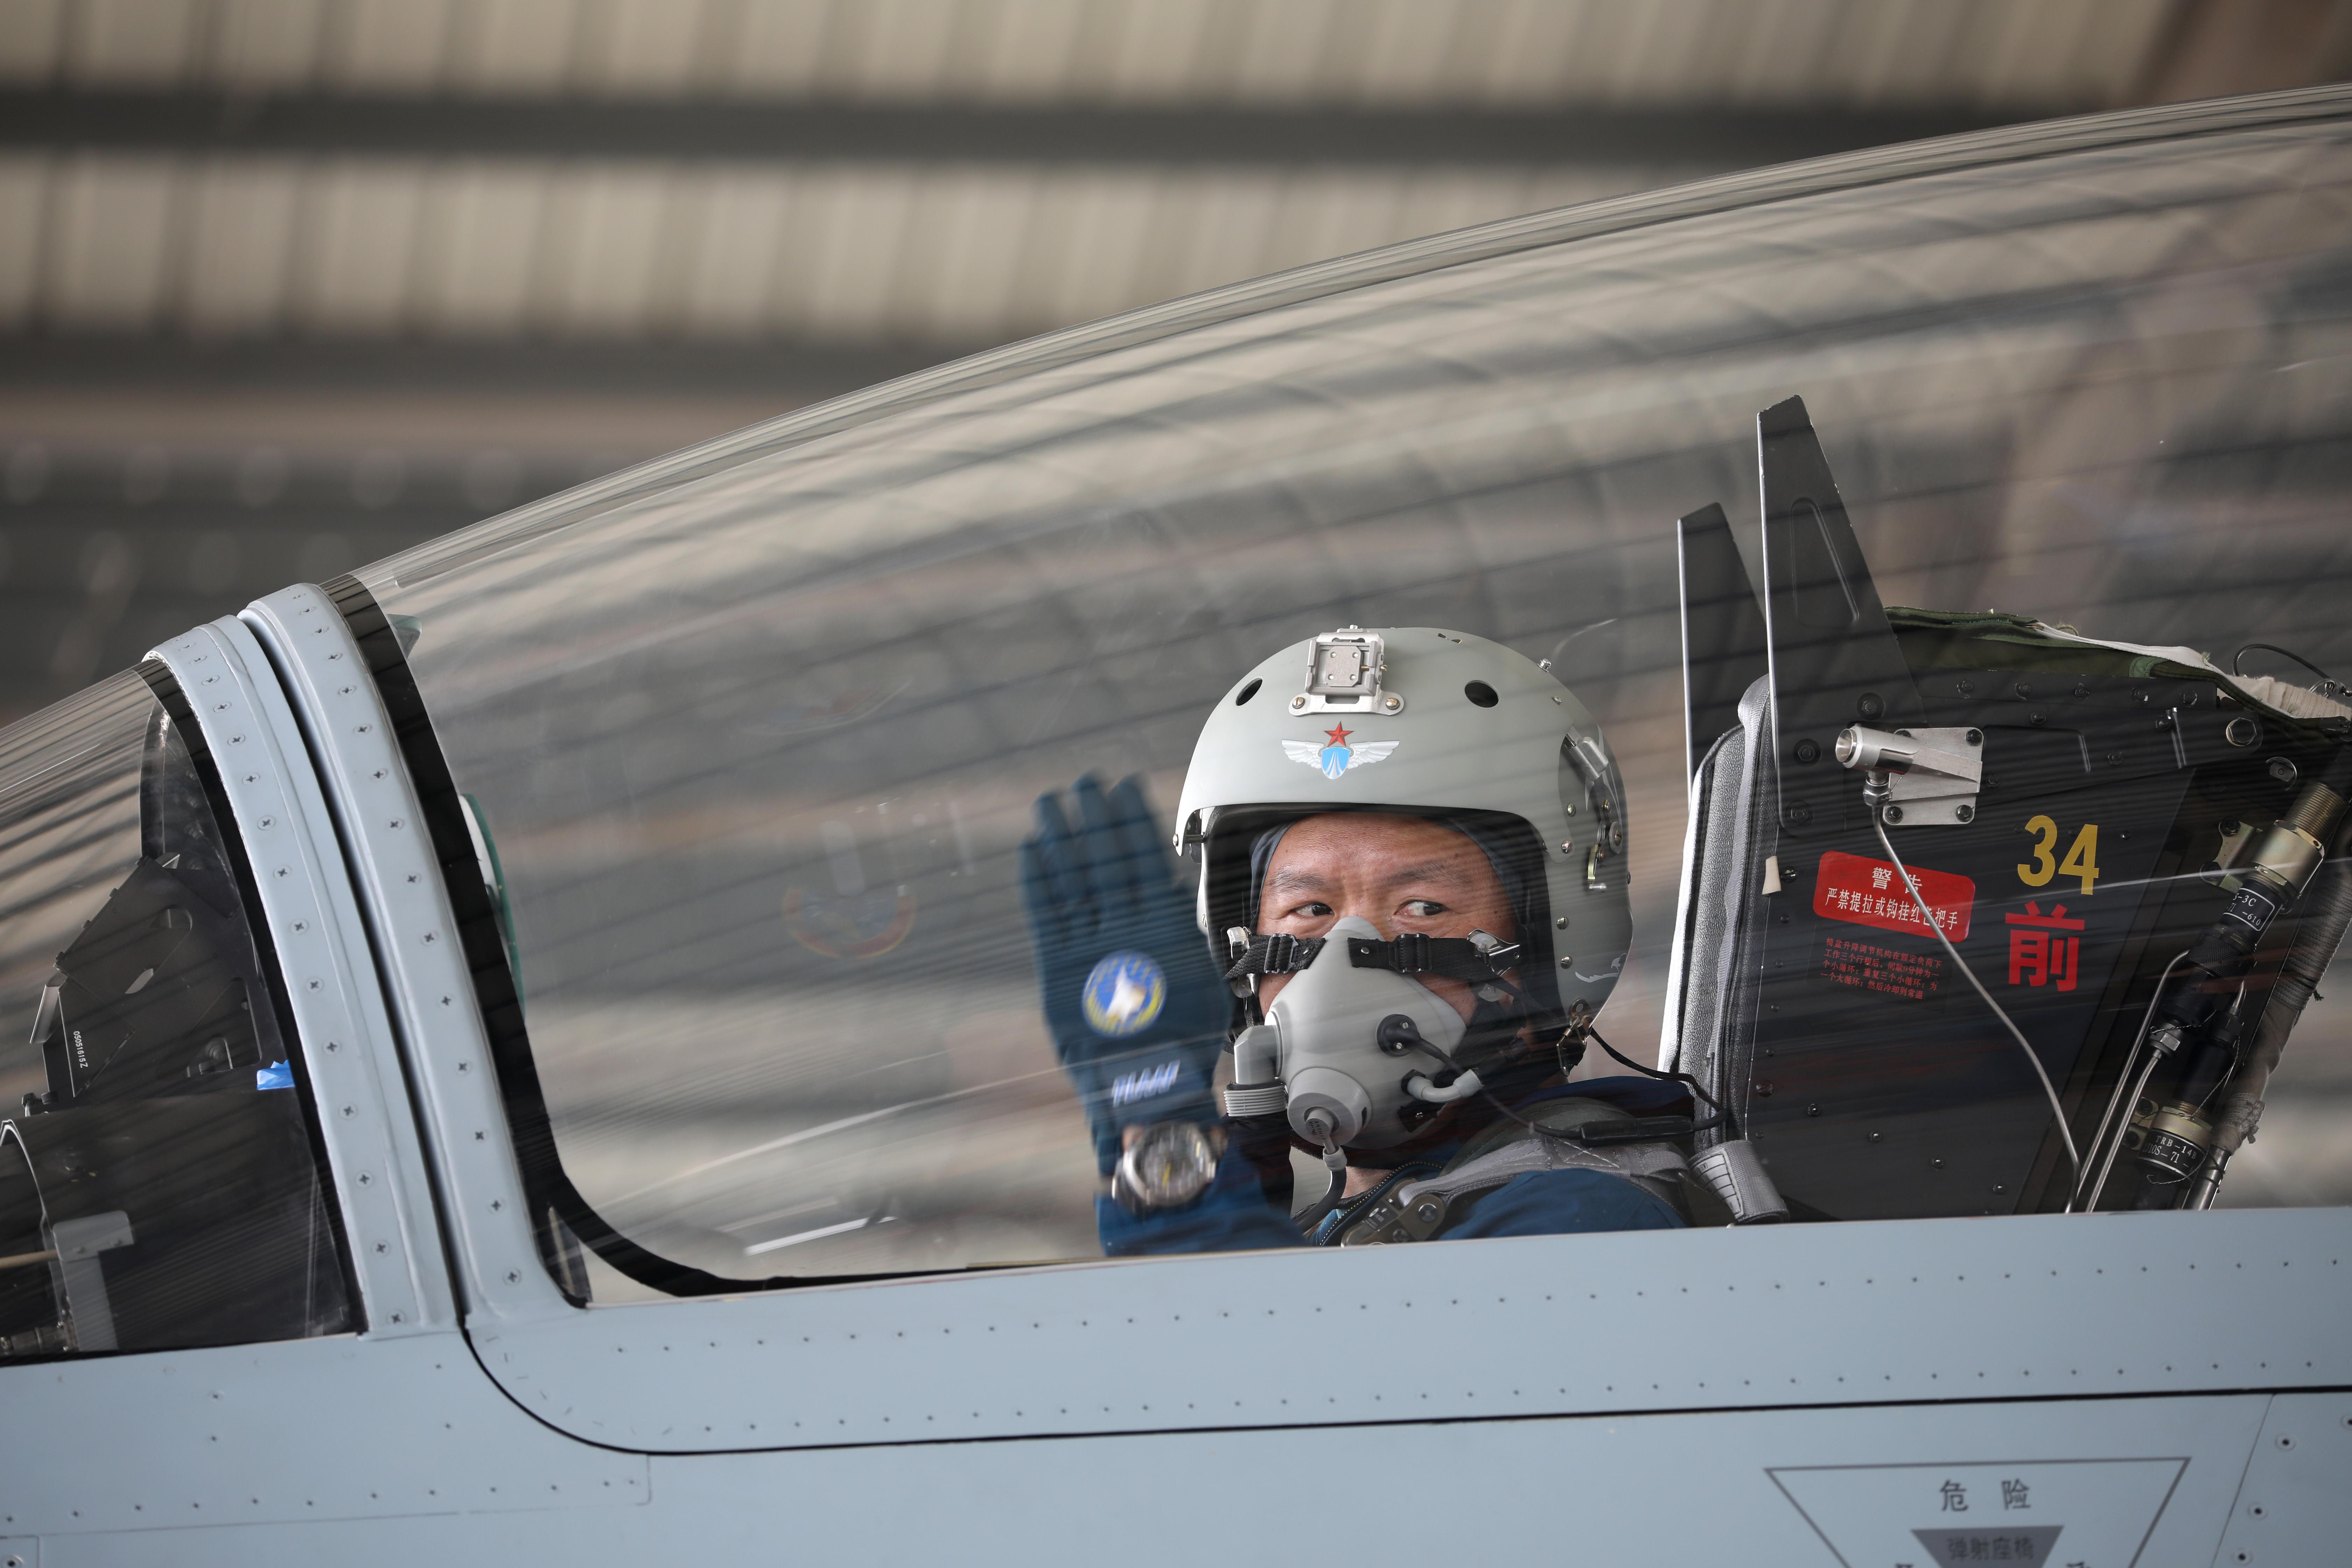 ↑2月23日,复飞重返战位的一等功空军飞行员王建东手势示意机组,准备滑出。黄演庄 摄